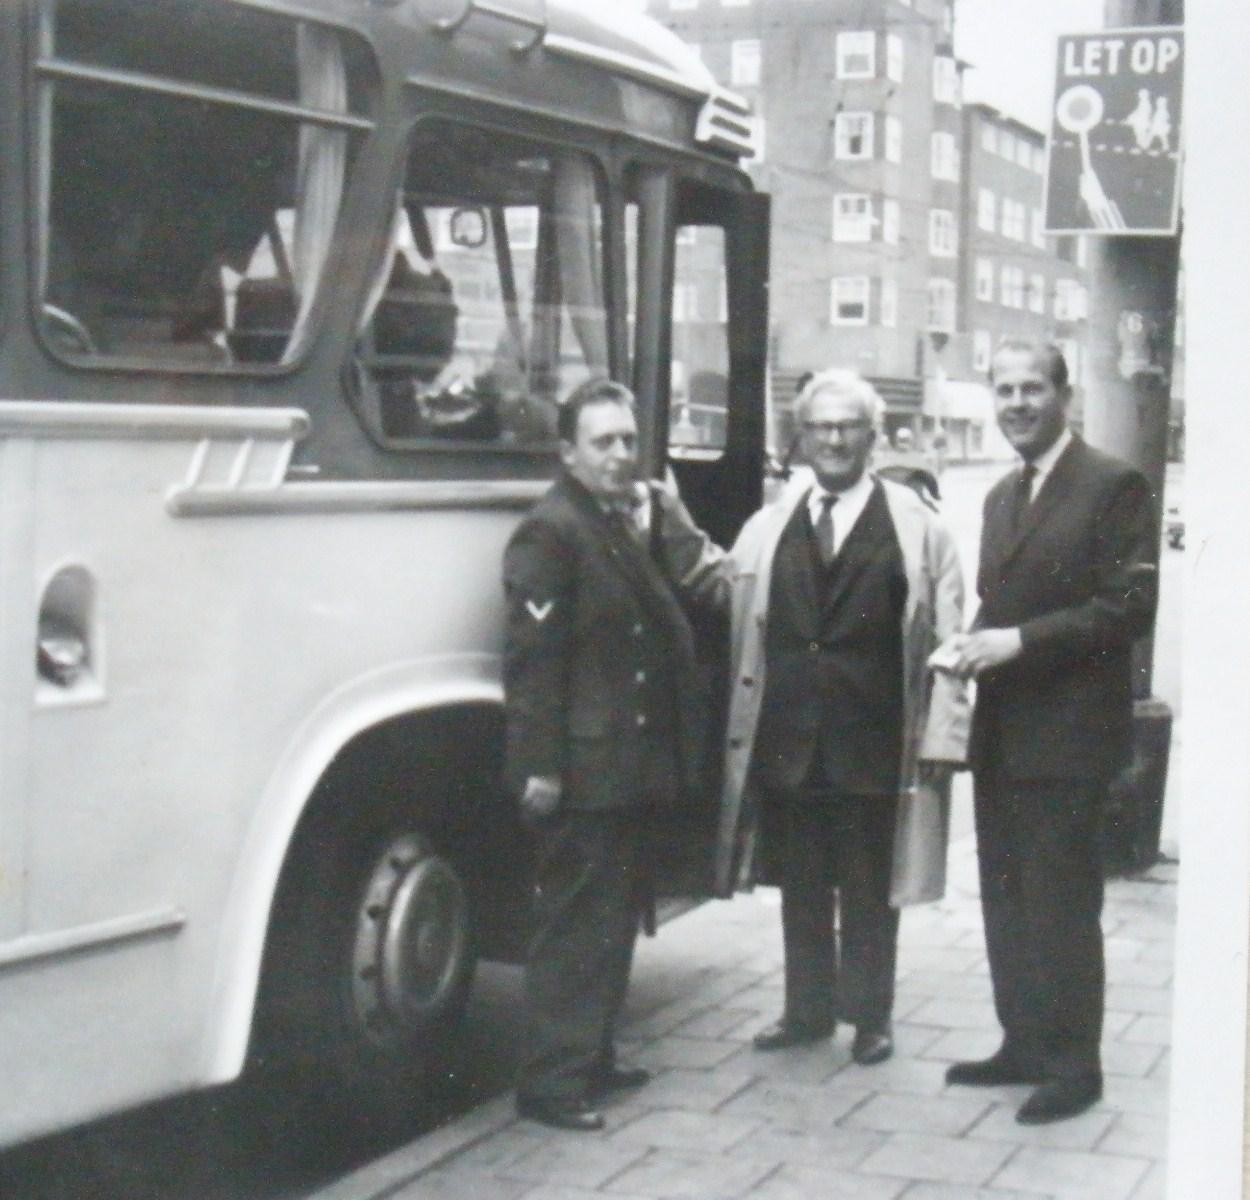 de bus die m'n vader organiseerde naar de uitwedstrijden van Ajax.